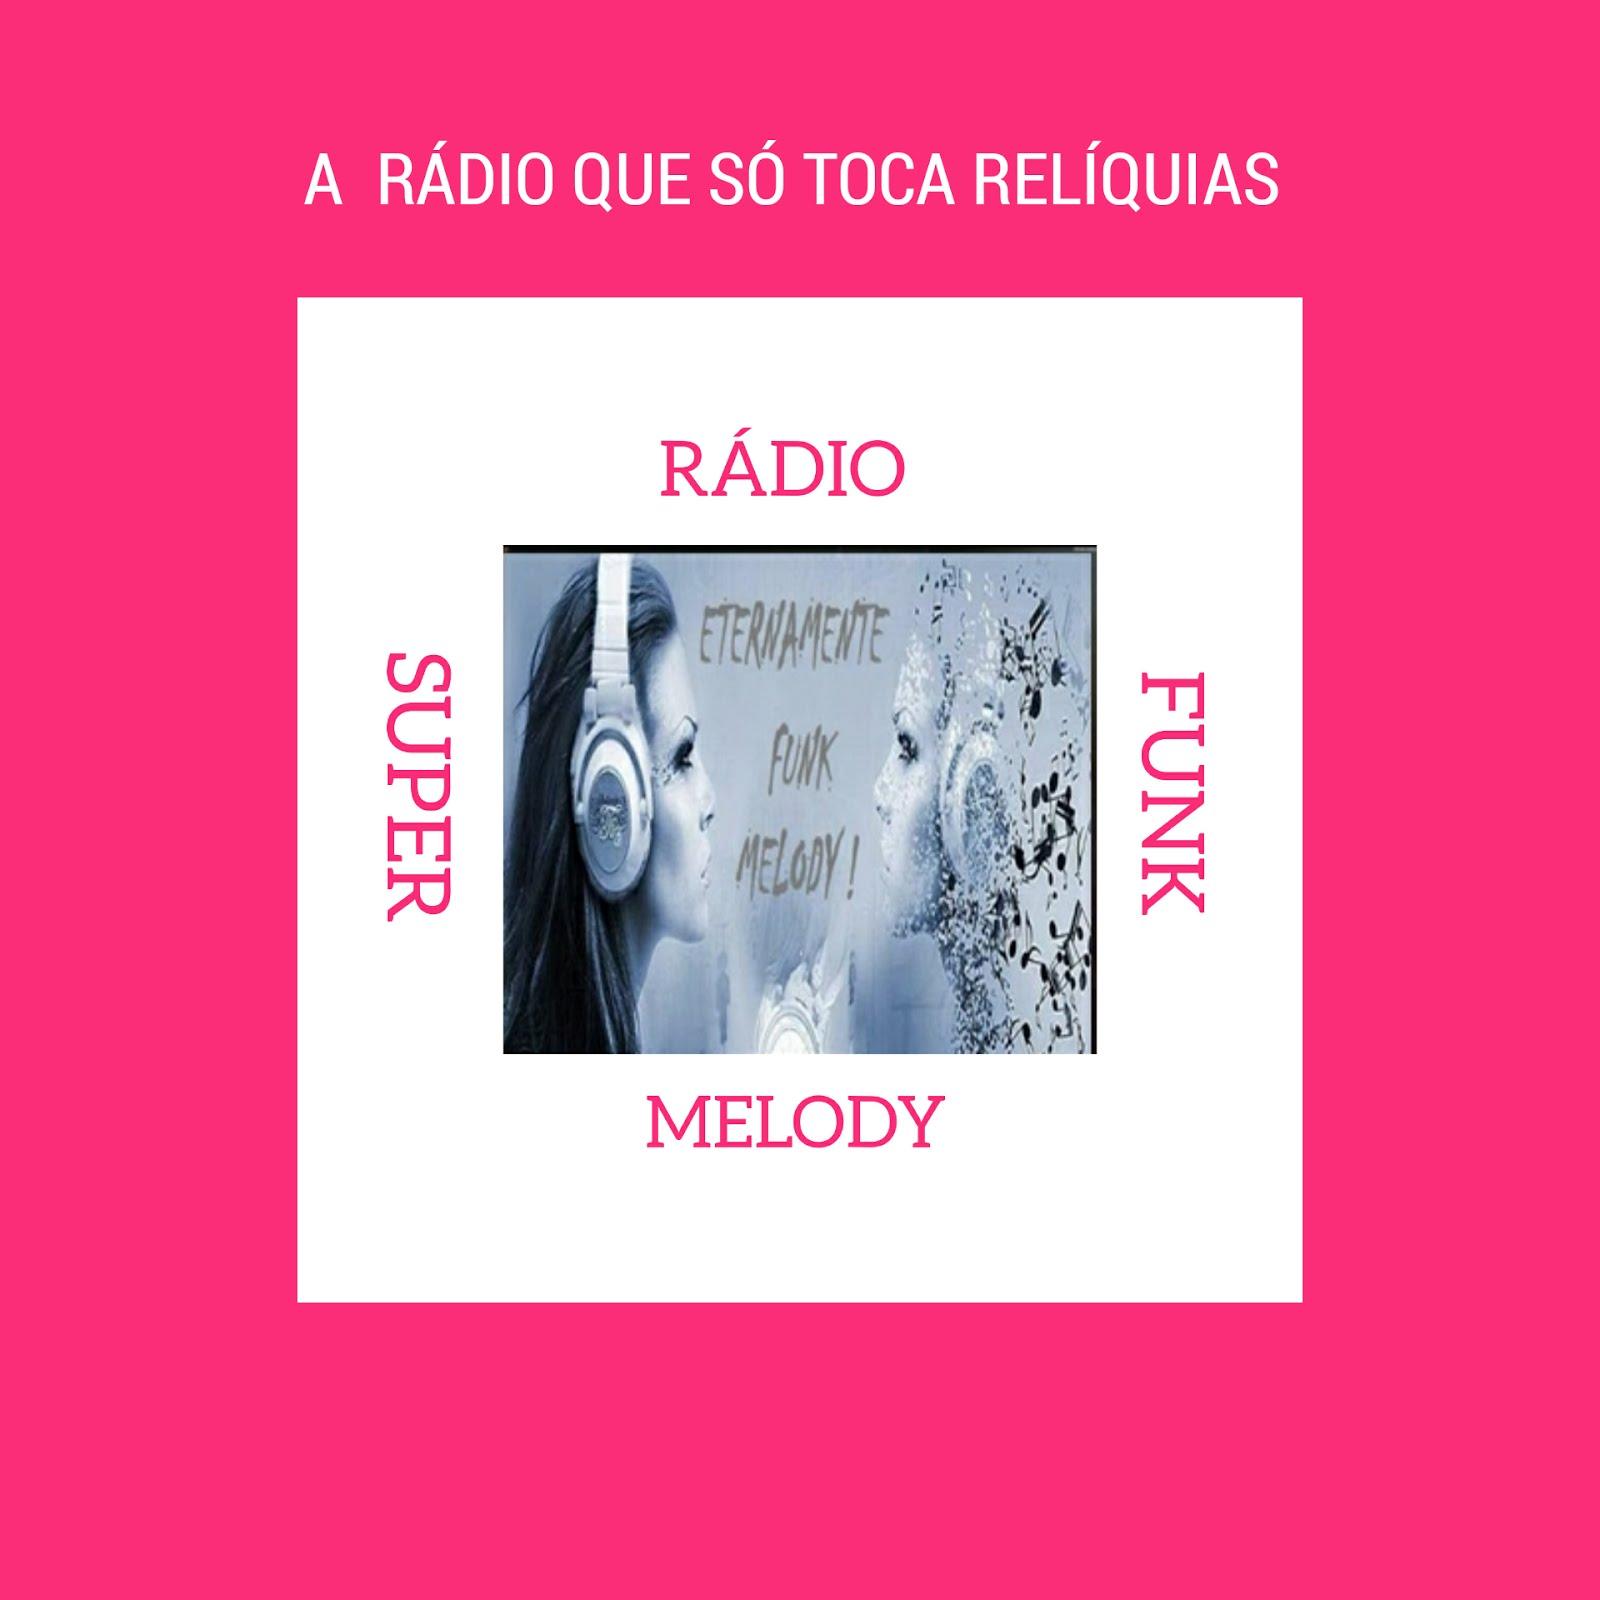 A rádio que só toca relíquias